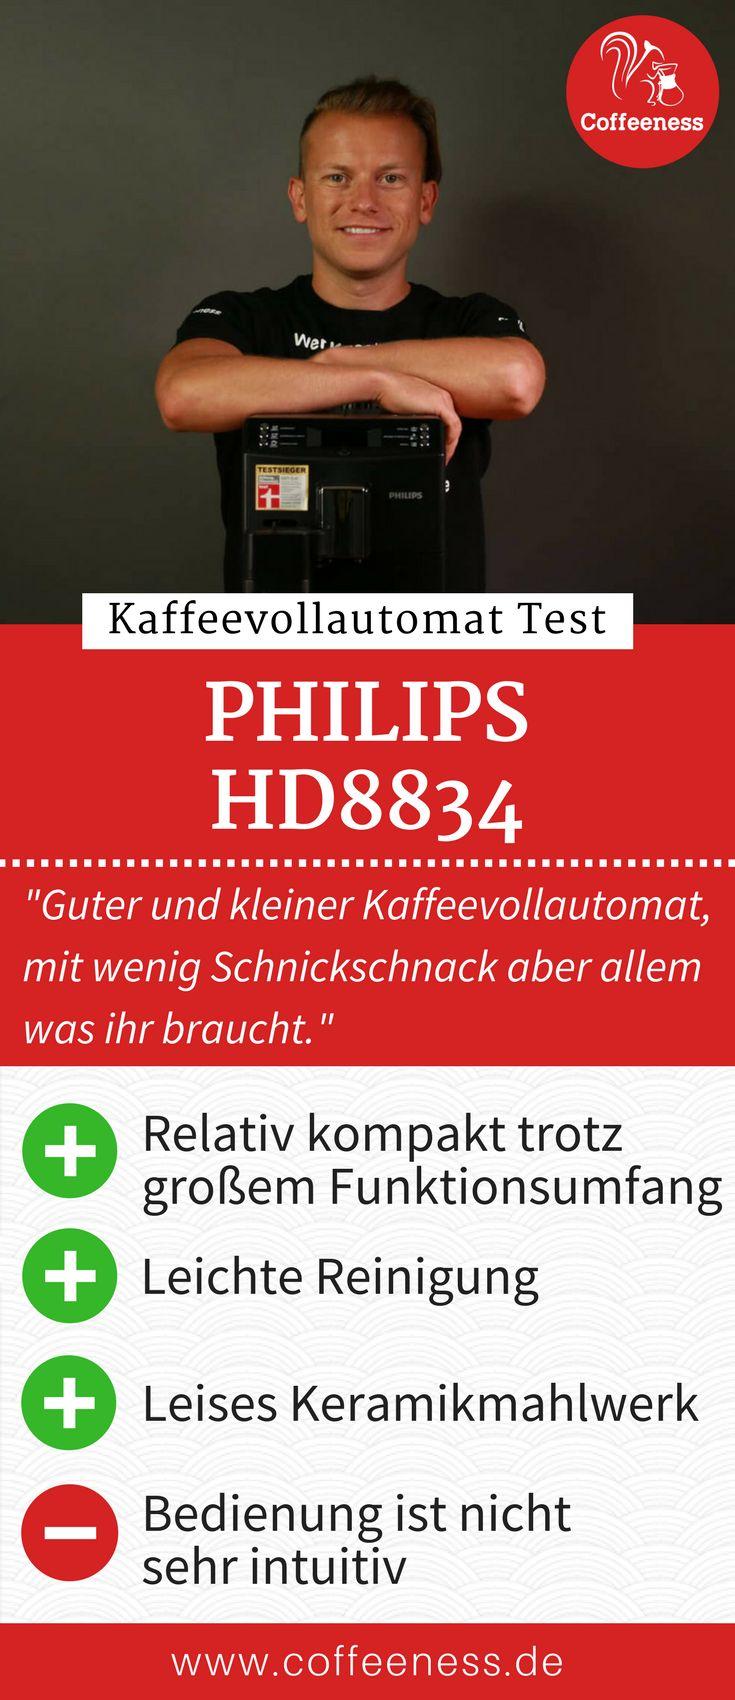 """Stiftung Warentest gibt diesem Kaffeevollautomaten das Urteil """"gut"""". Dem kann ich mich grundsätzlich anschließen. Philips/Saeco täte sicherlich gut daran, die Produktlinien etwas zu vereinfachen, aber das ist der Qualität des Kaffeevollautomaten ja nicht abträglich. Warum ich von der einfachen Reinigung sehr begeistert war, erfahrt ihr im ausführlichen Testbericht auf www.coffeeness.de. #Kaffeevollautomat #Coffeeness #Kaffee #Küche"""